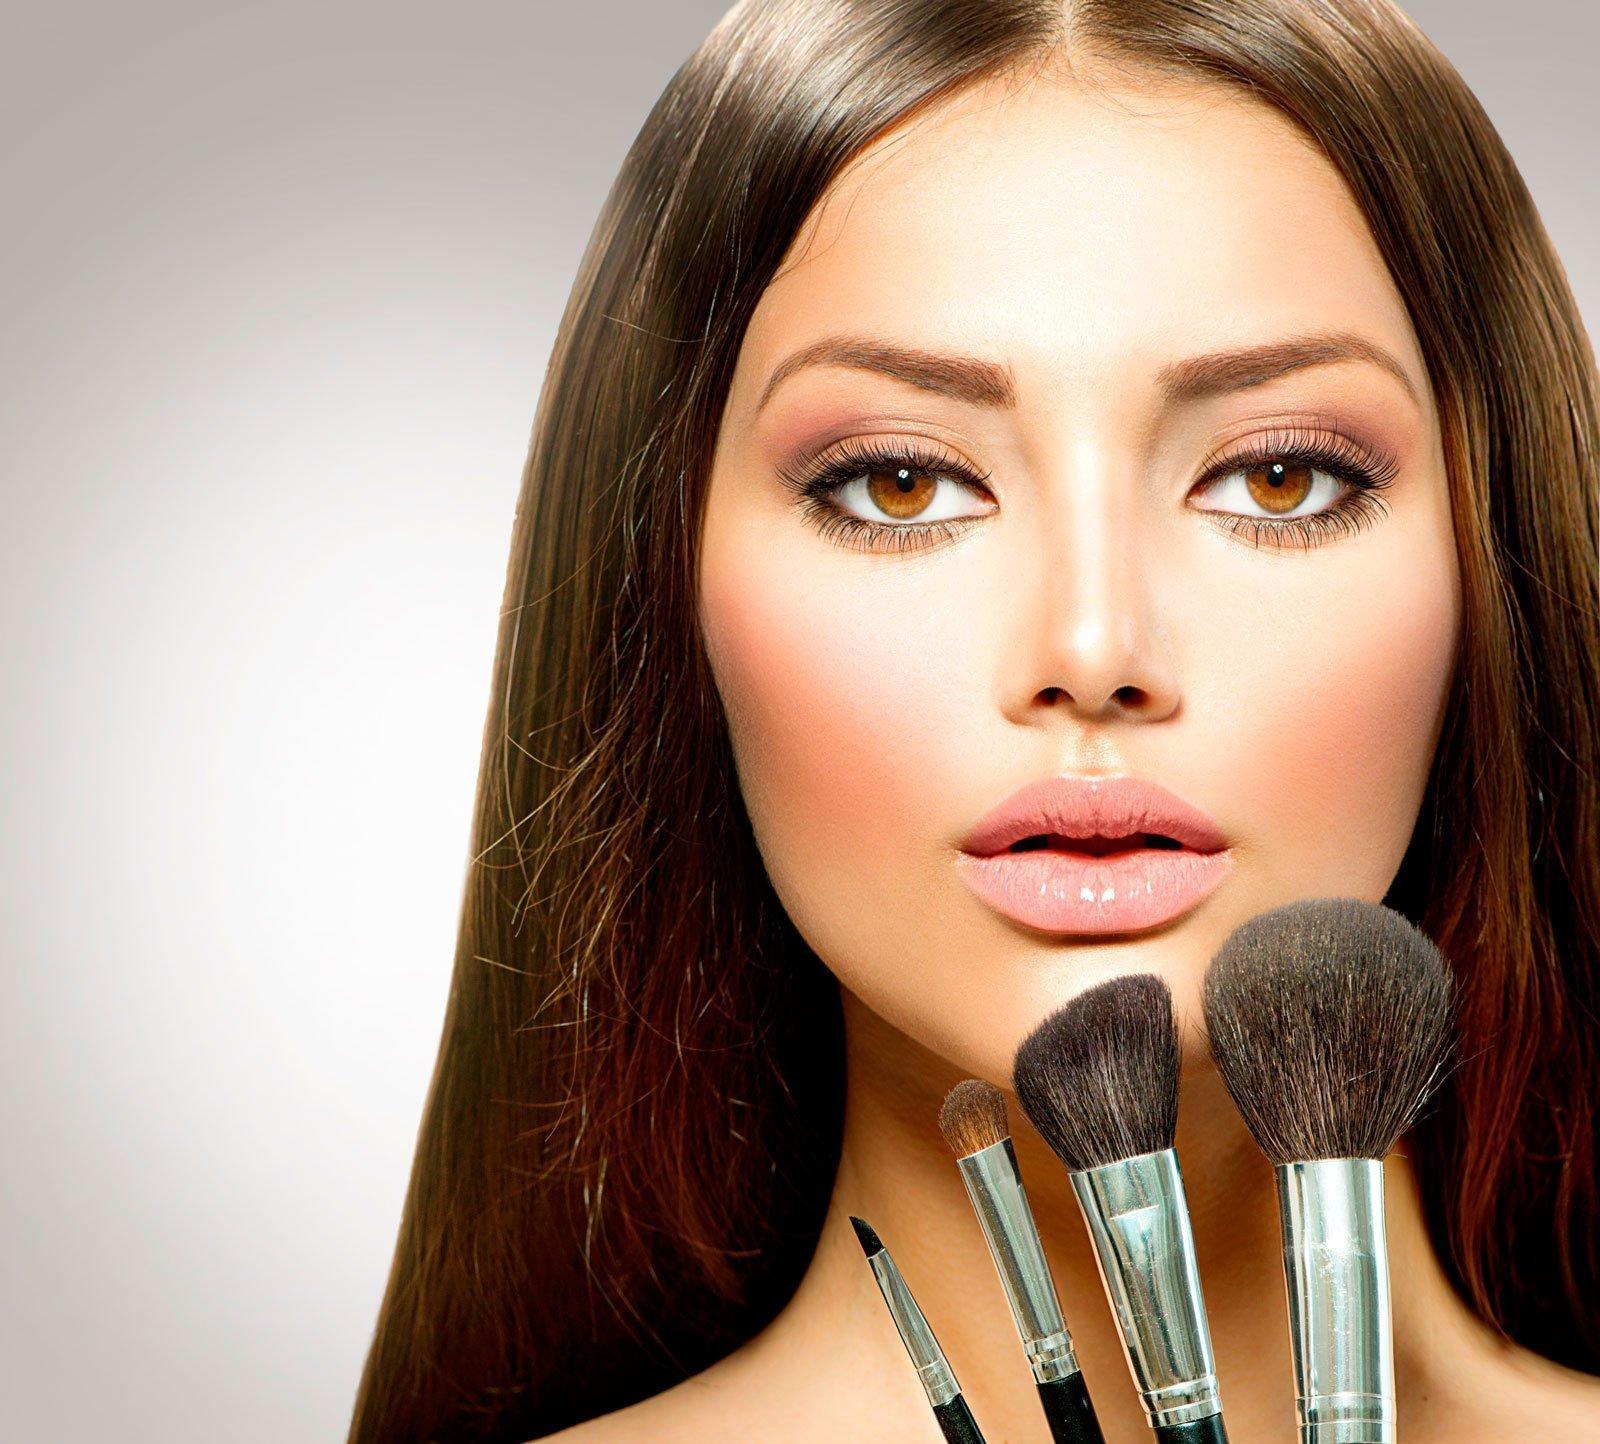 Профессиональный грим для макияжа